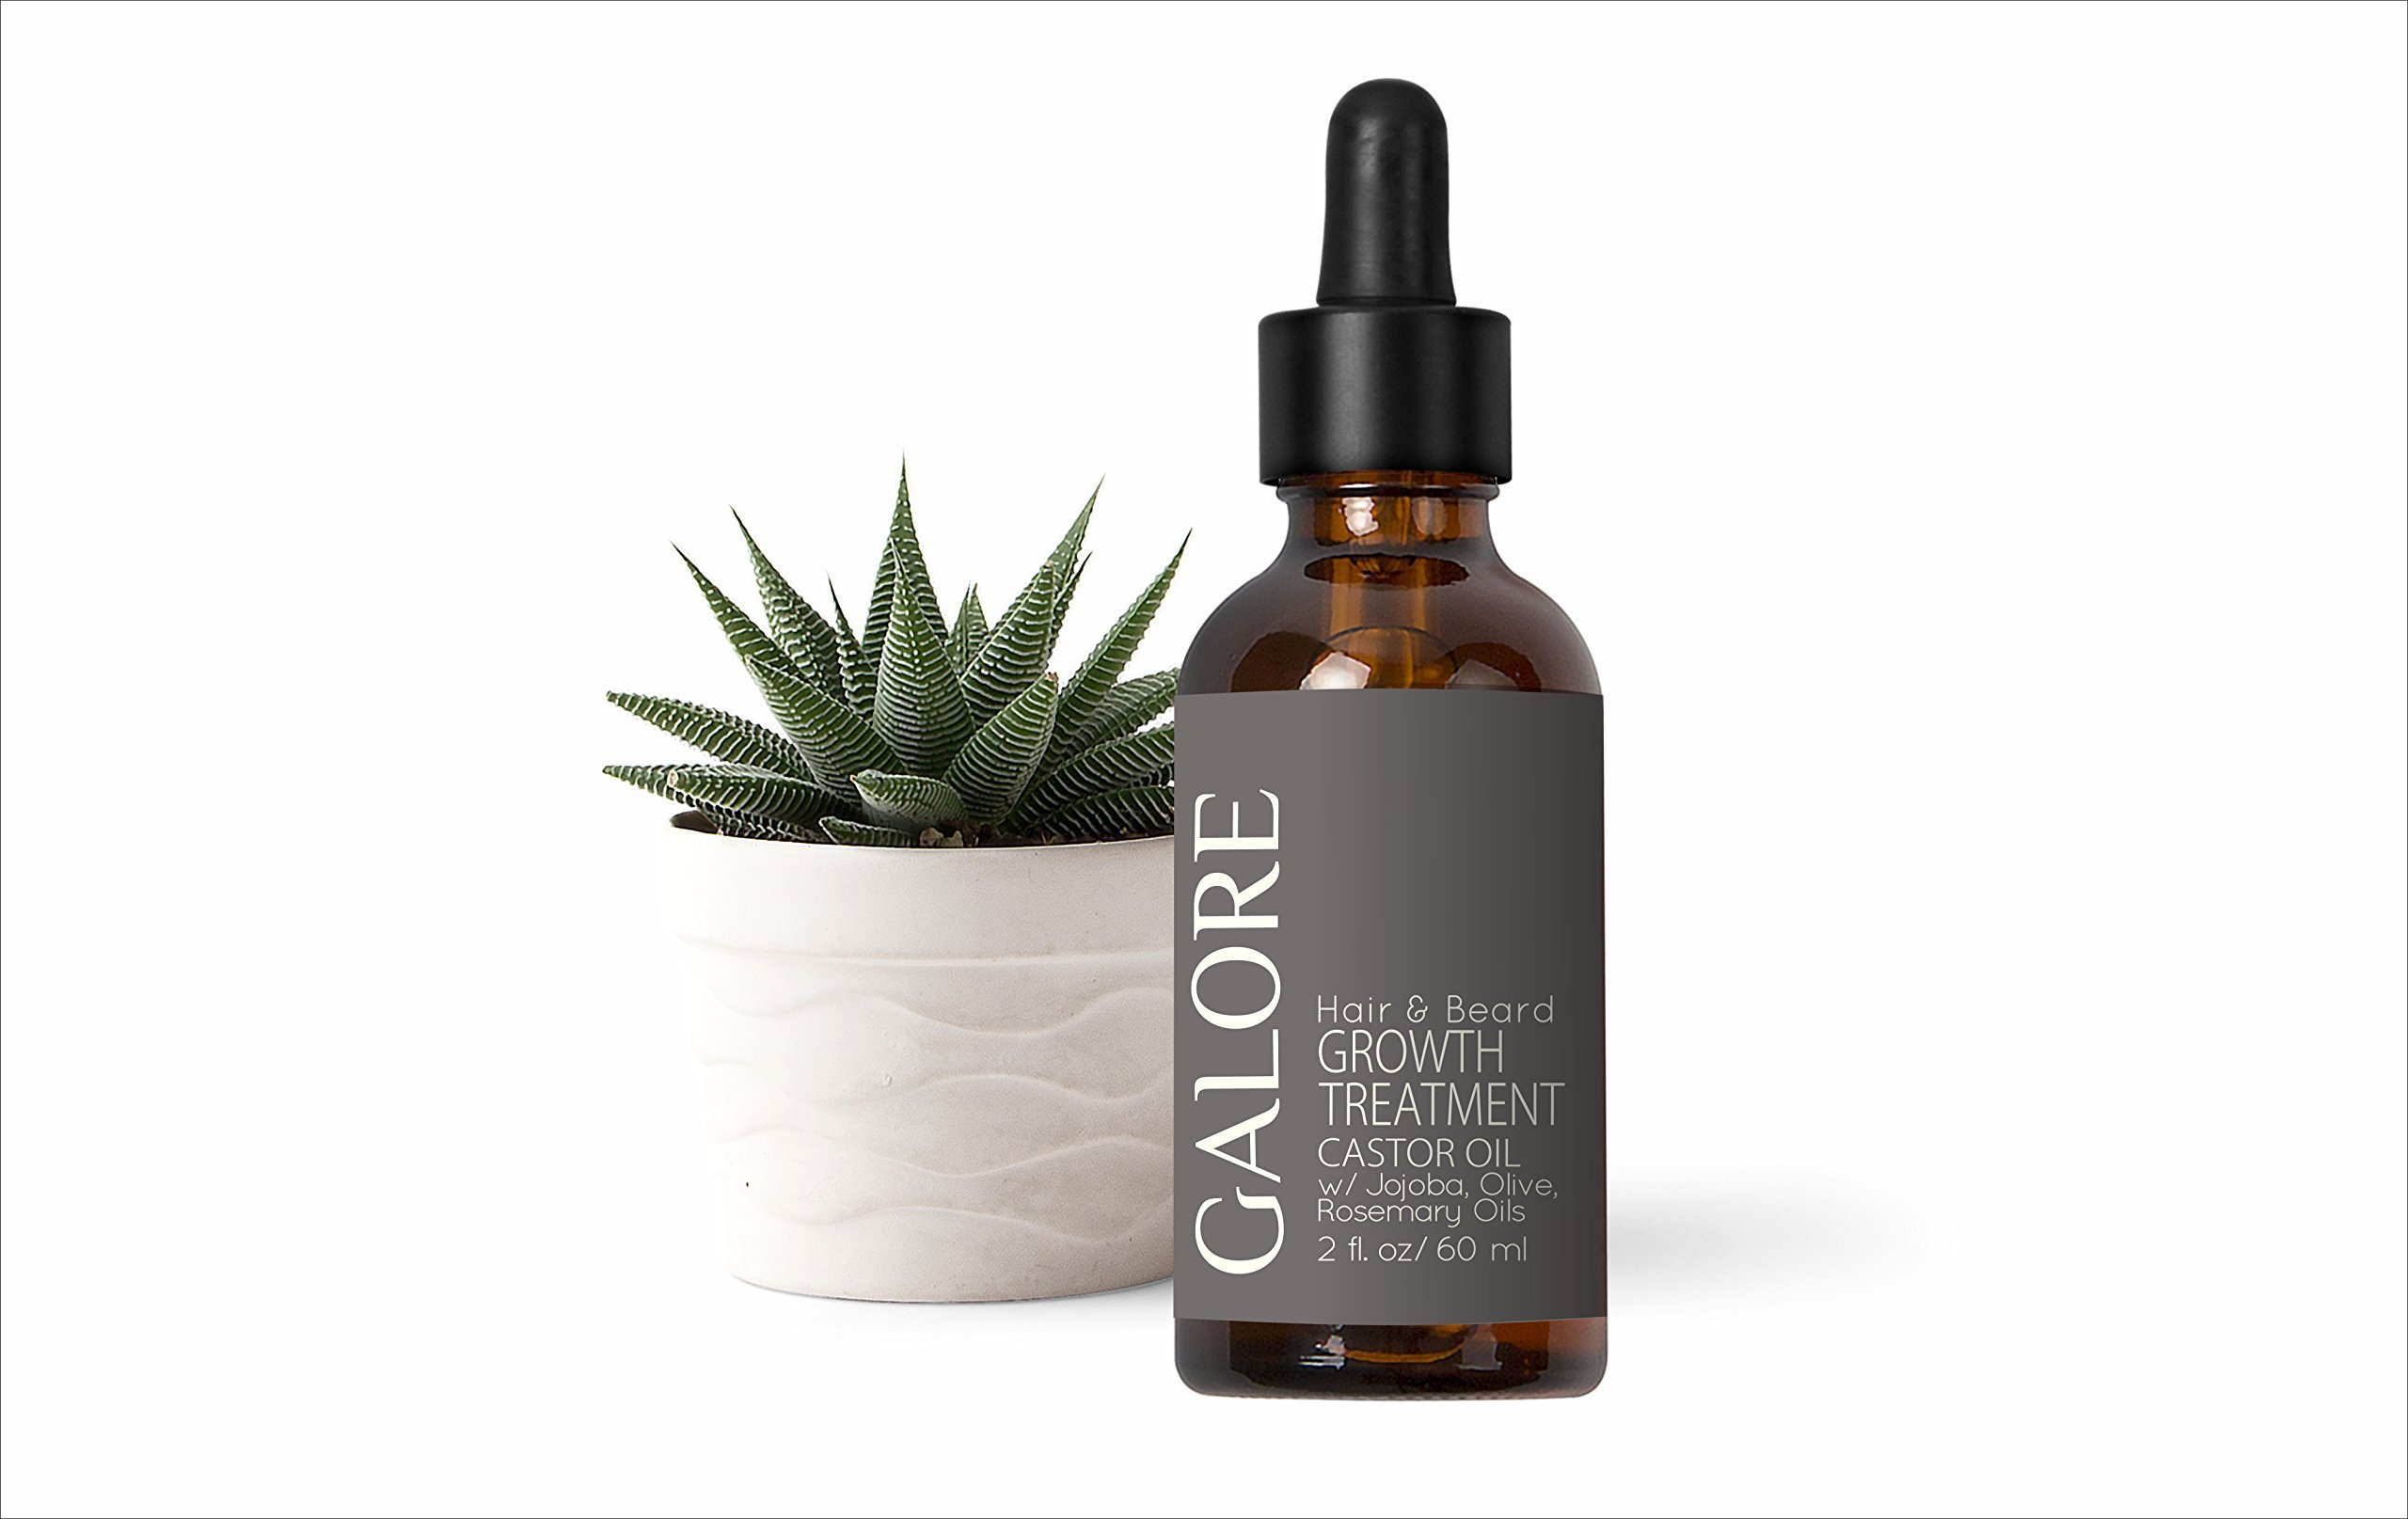 Hair & Beard Growth Treatment Castor Oil